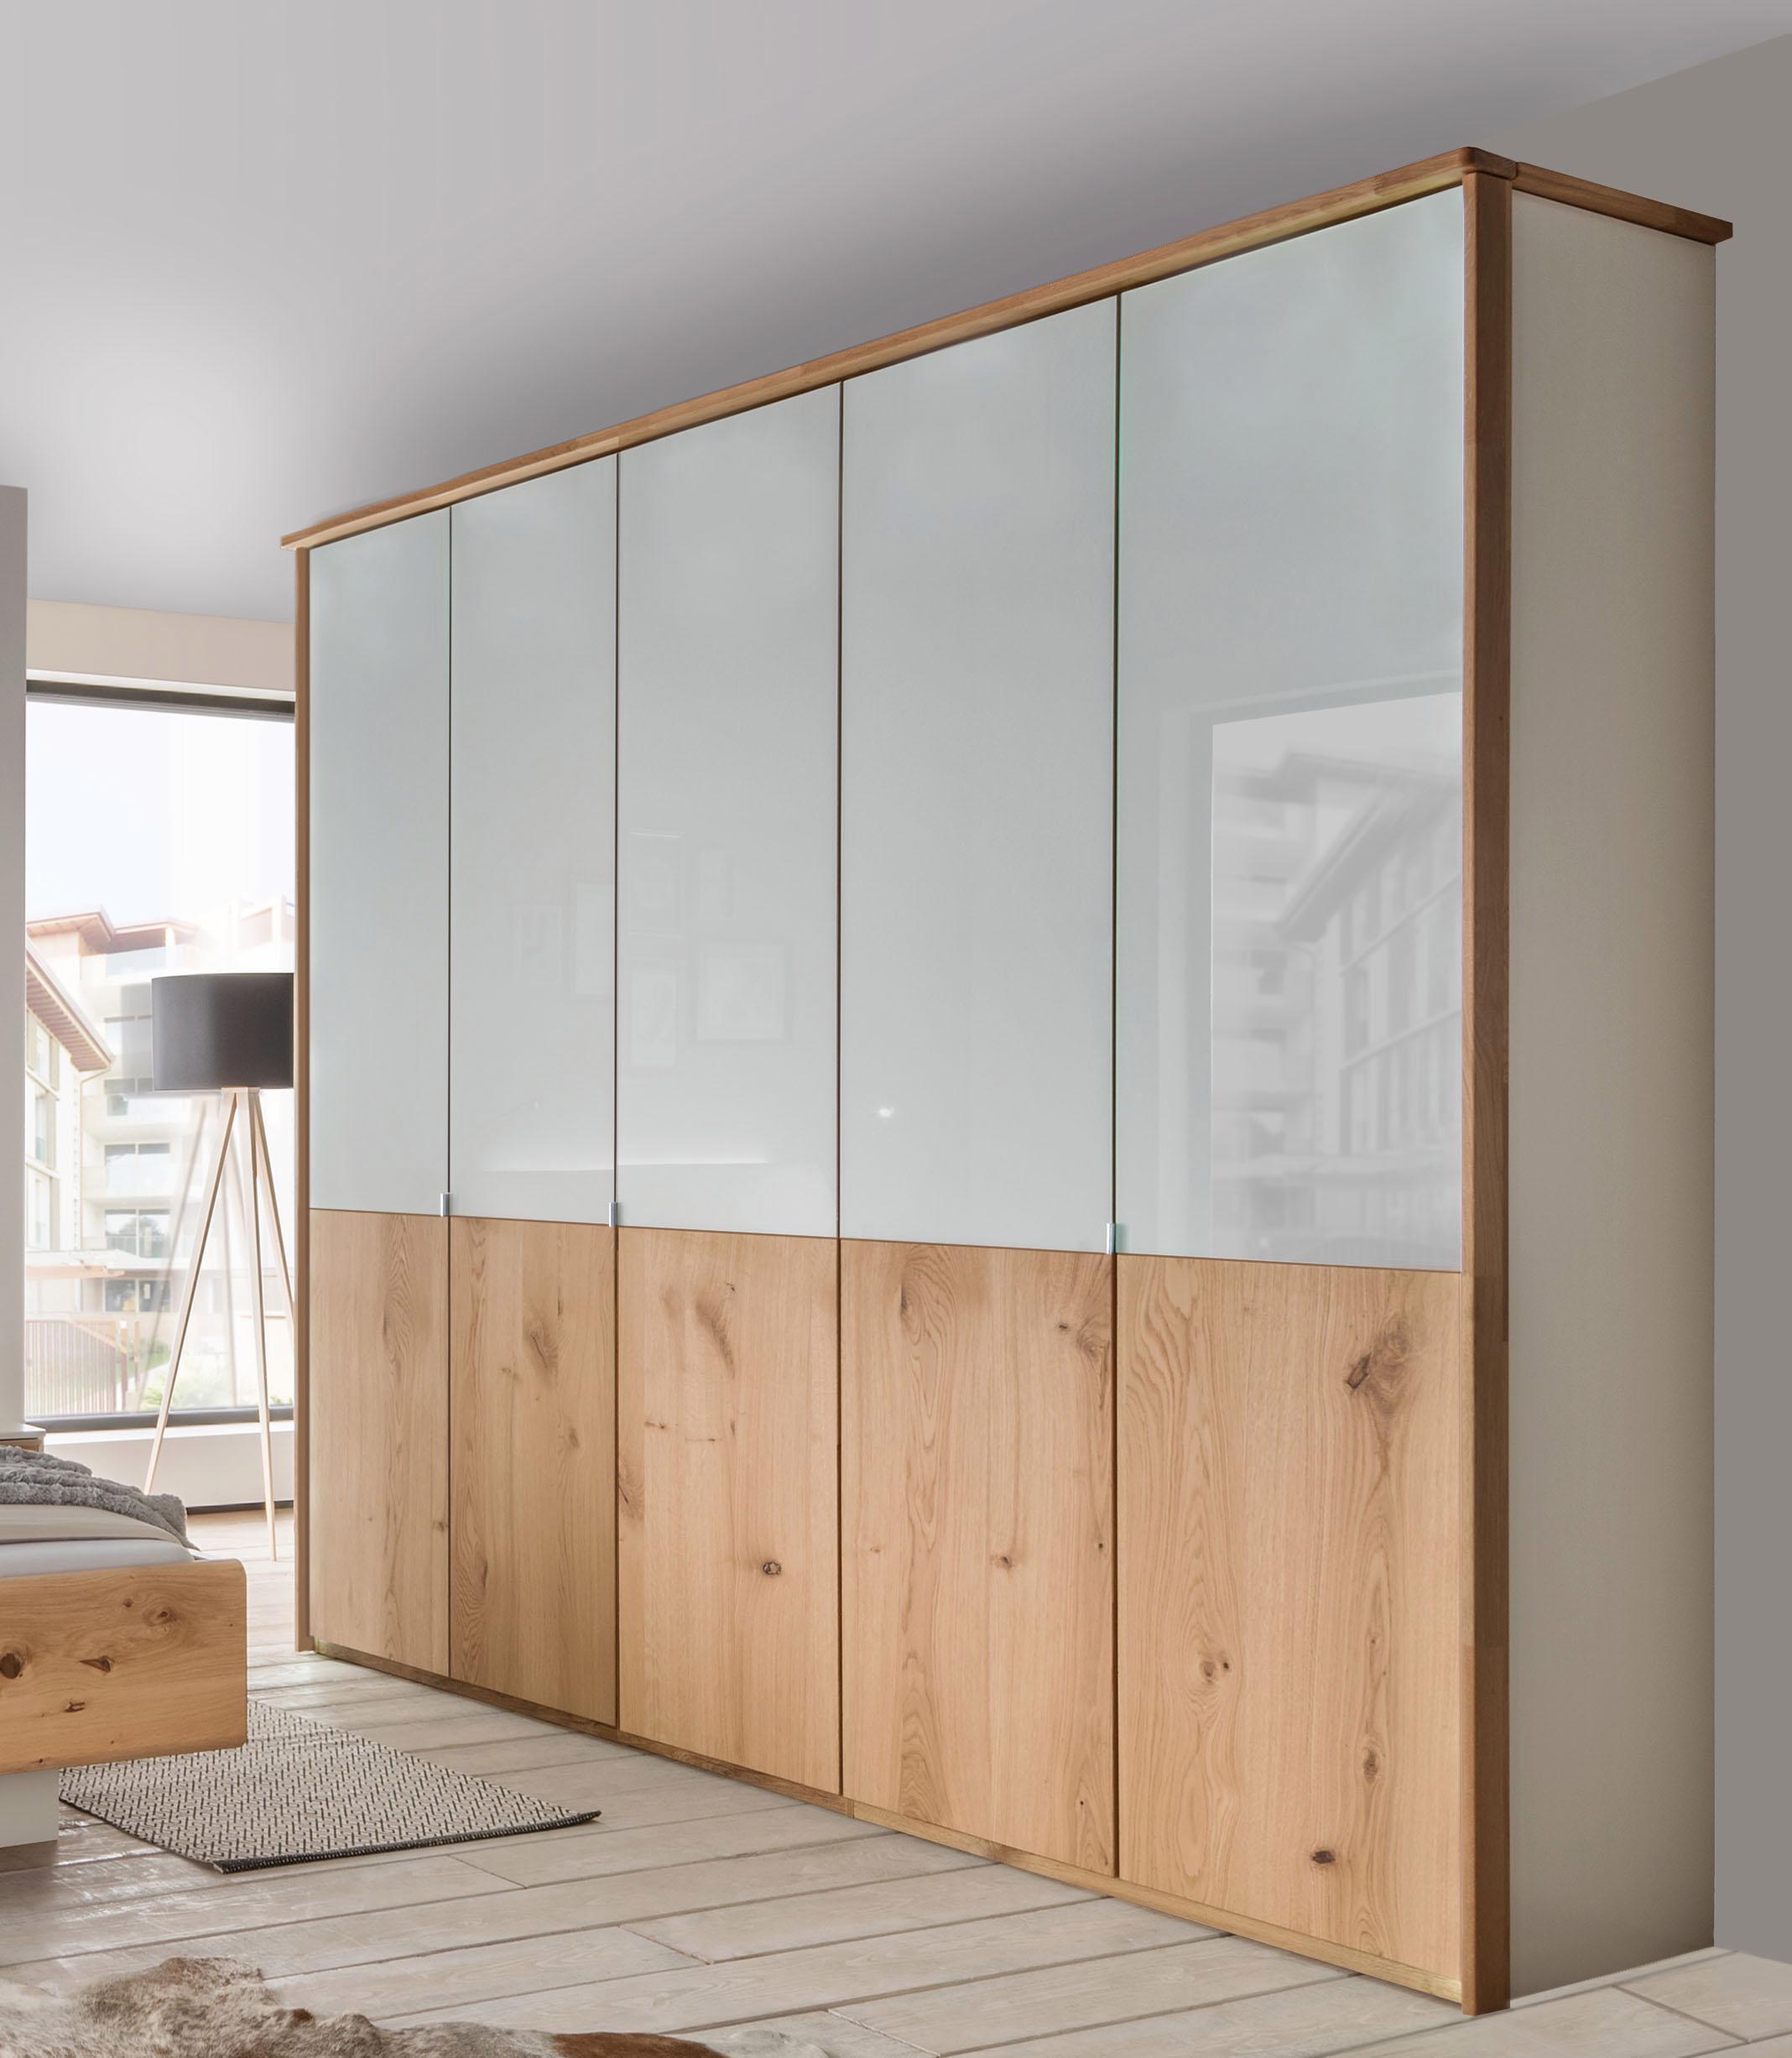 WIEMANN Kleiderschrank Chicago mit Echtholzfurnier und Glas